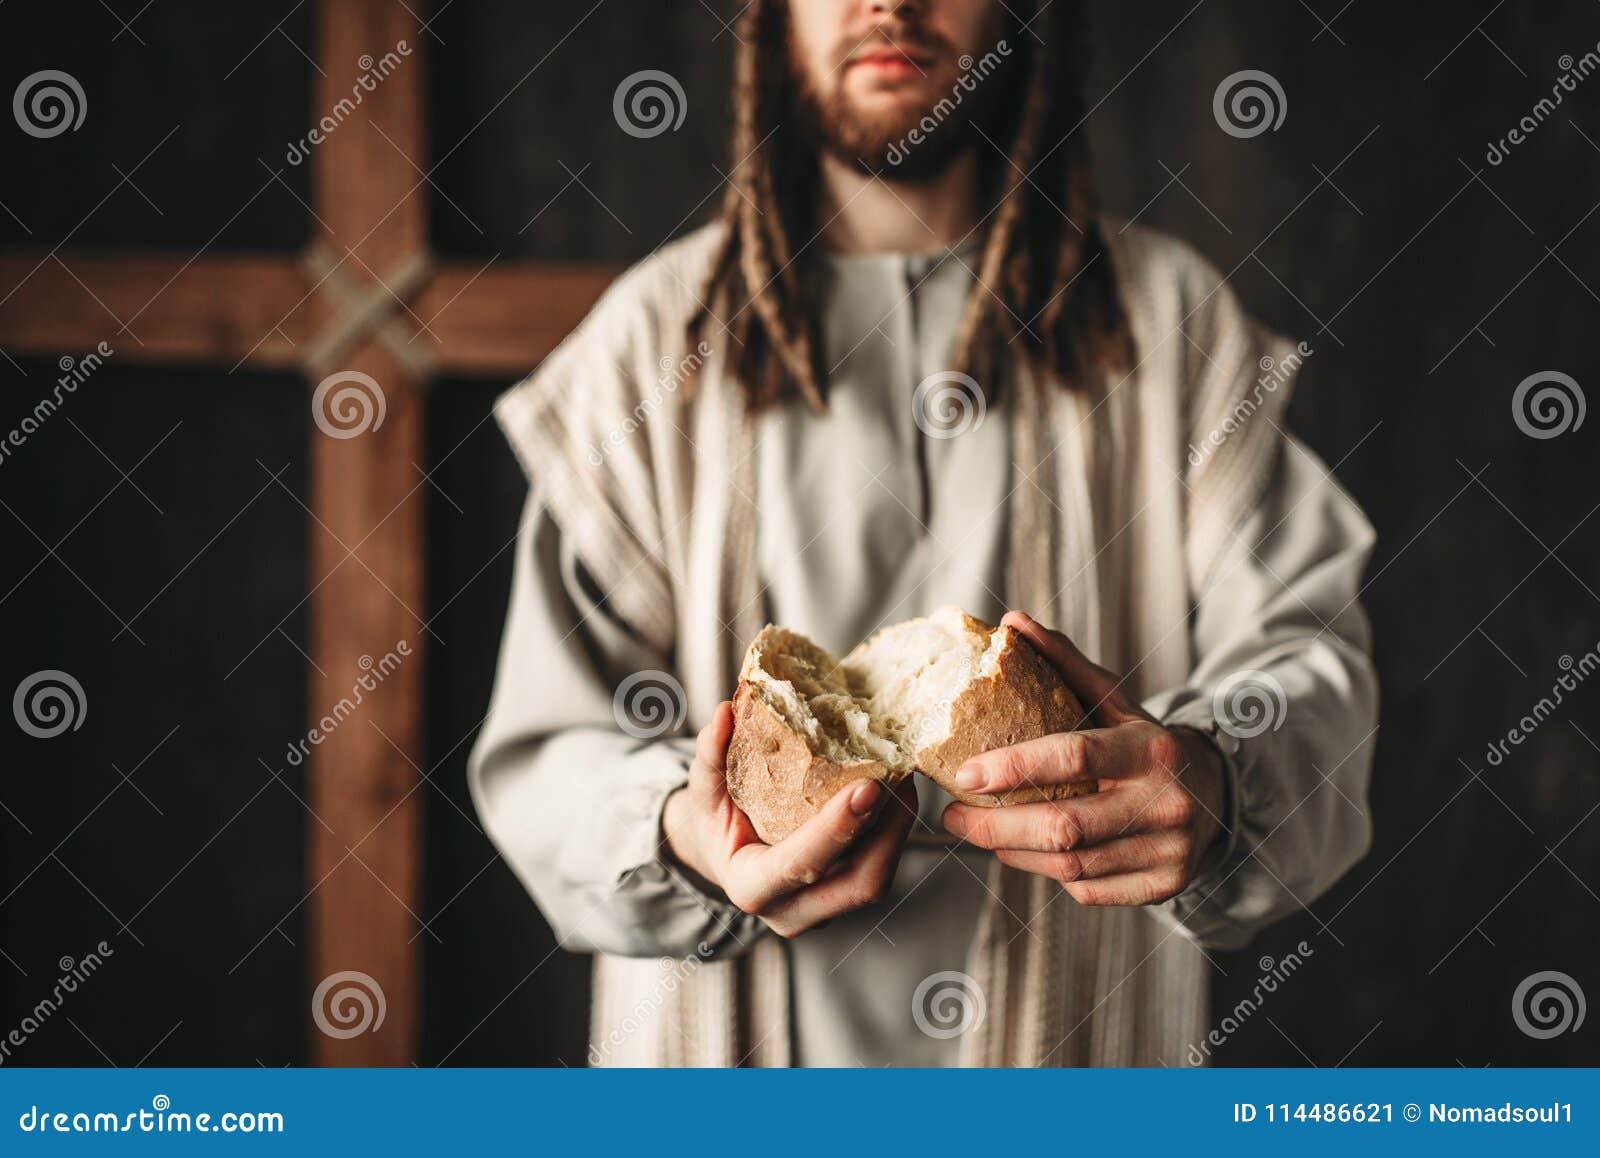 Jesus Christ dá o pão ao alimento fiel, sagrado